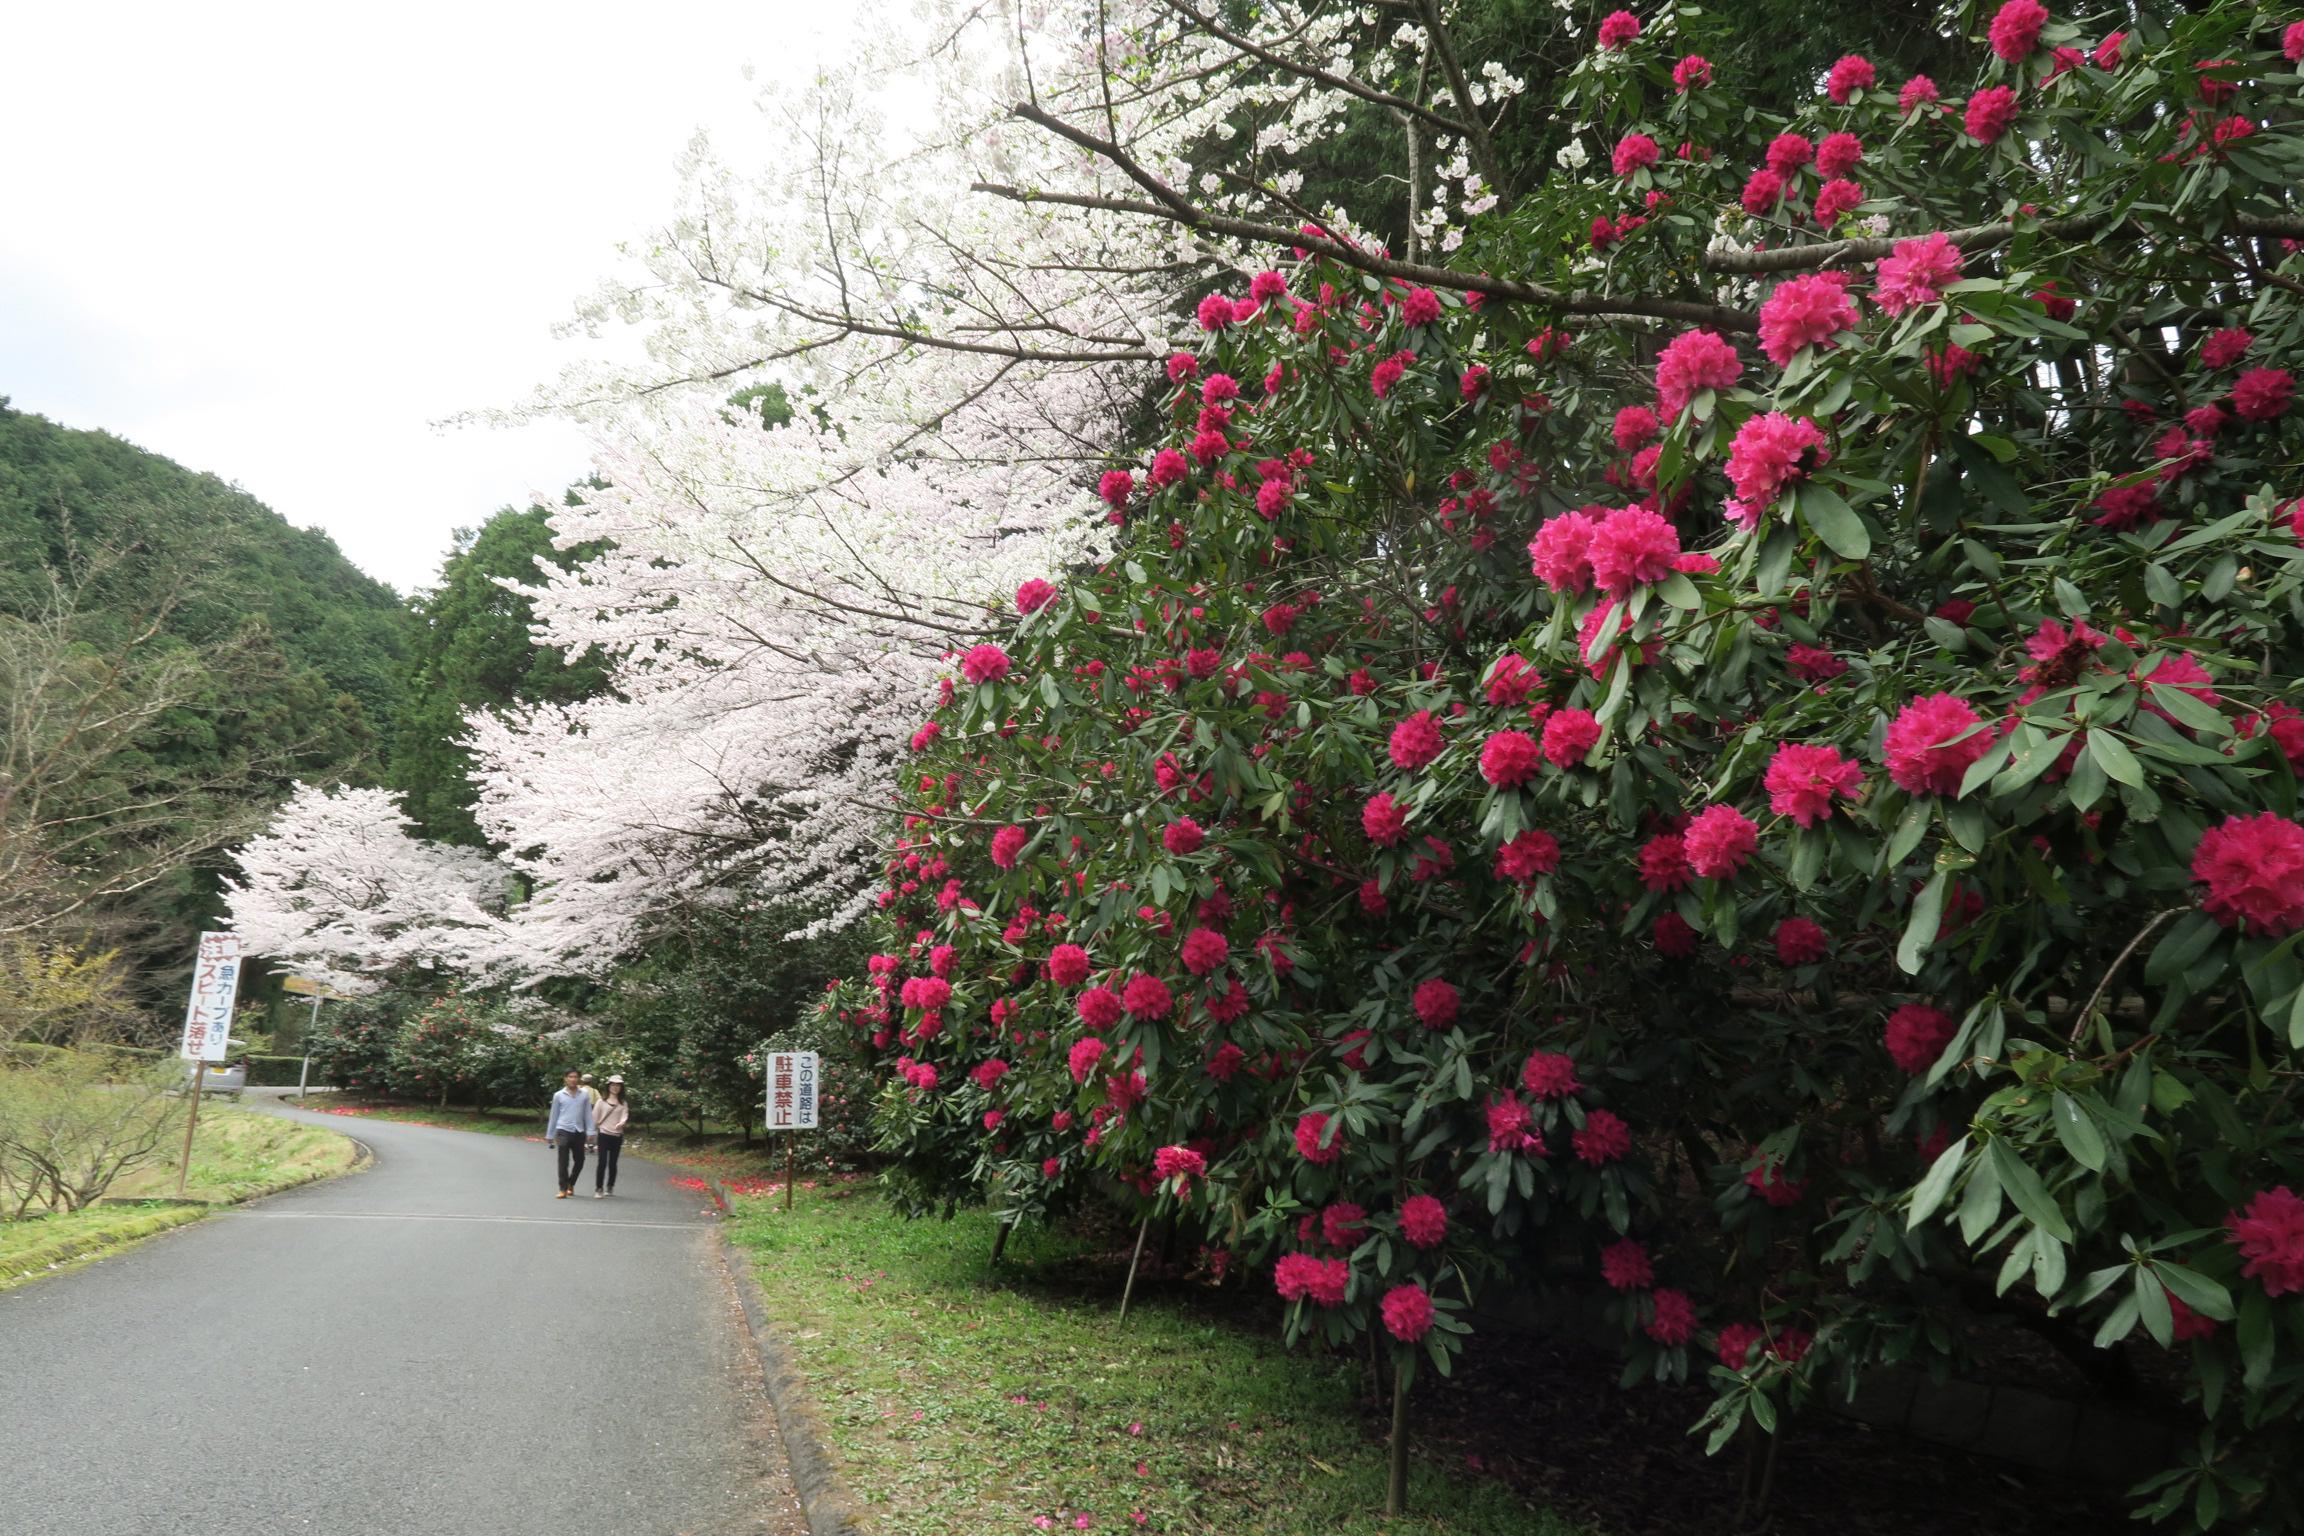 シャクナゲもきれいに咲いていました。